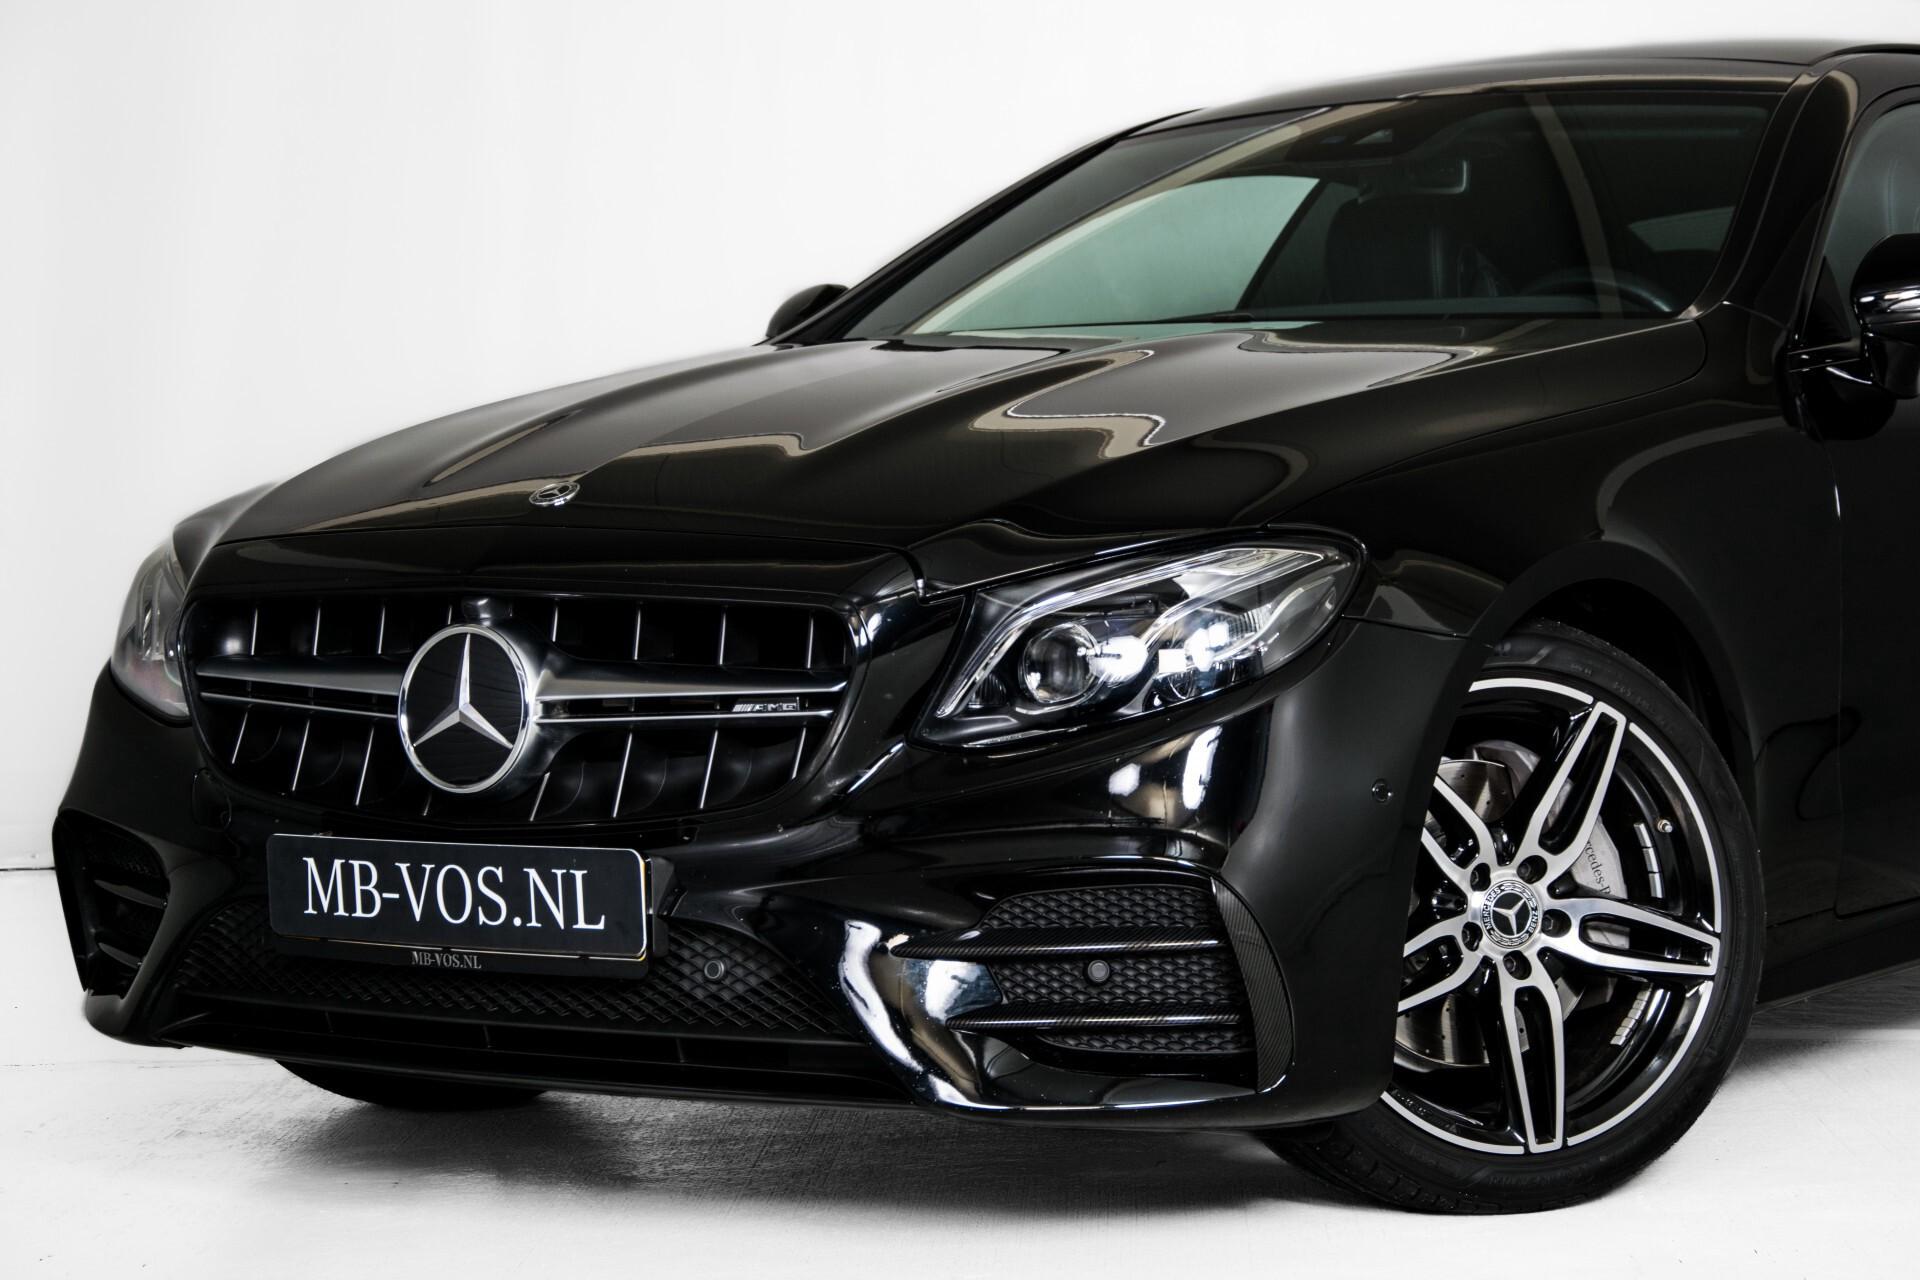 Mercedes-Benz E-Klasse Coupé 200 AMG Panorama/Night/Carbon/Premium/Widescreen/ILS Aut9 Foto 56